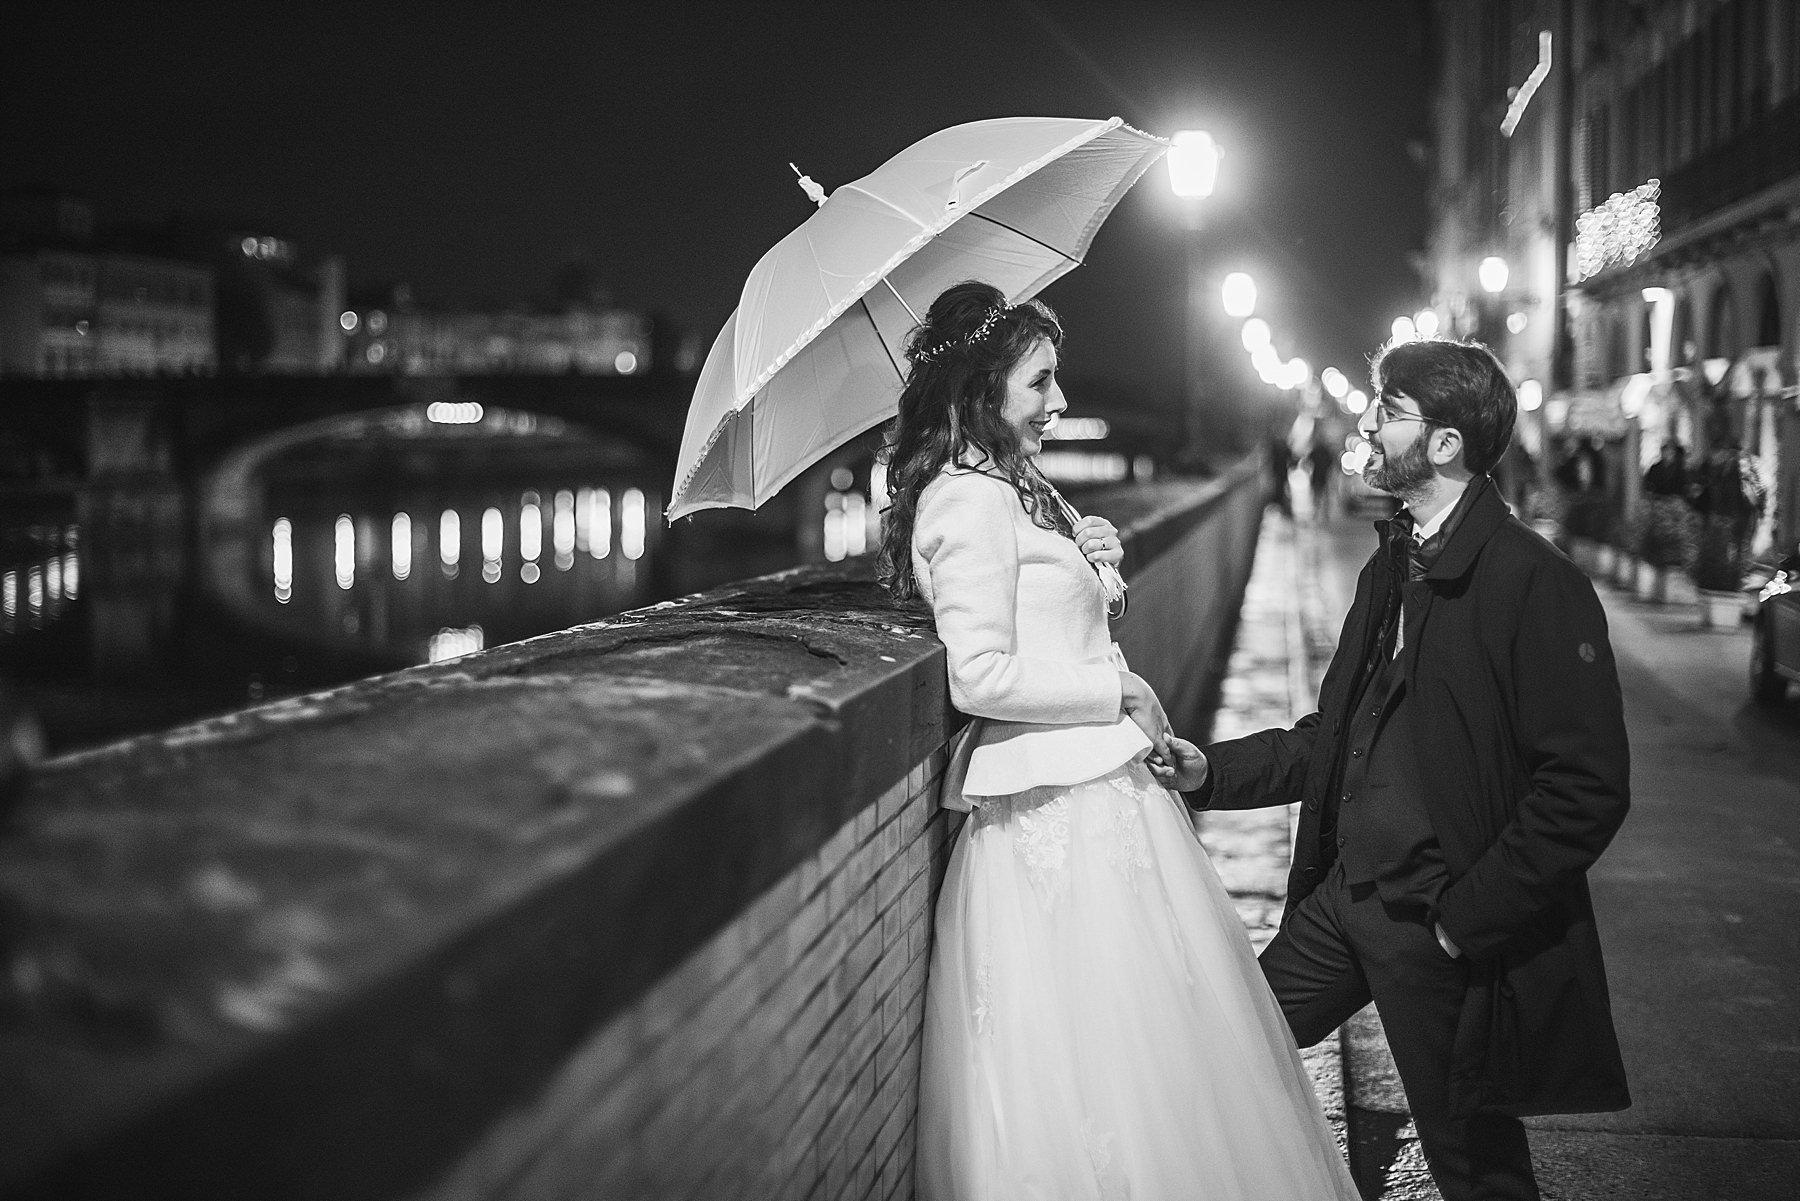 fotografia di matrimonio a firenze in inverno 780